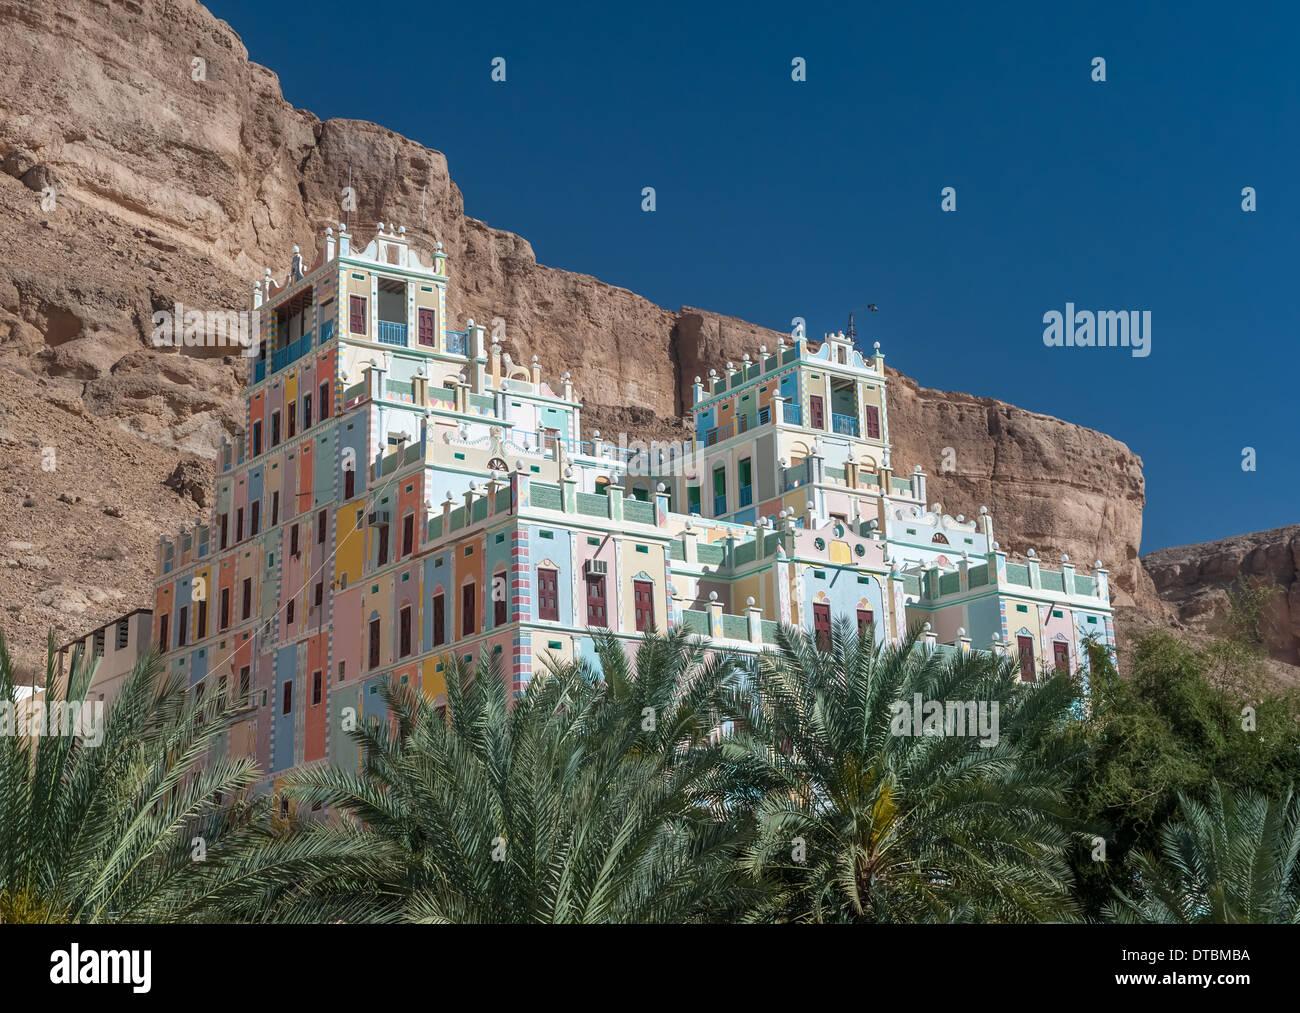 Kataira colorful hotel in Wadi Doan, Hadramaut, Yemen - Stock Image